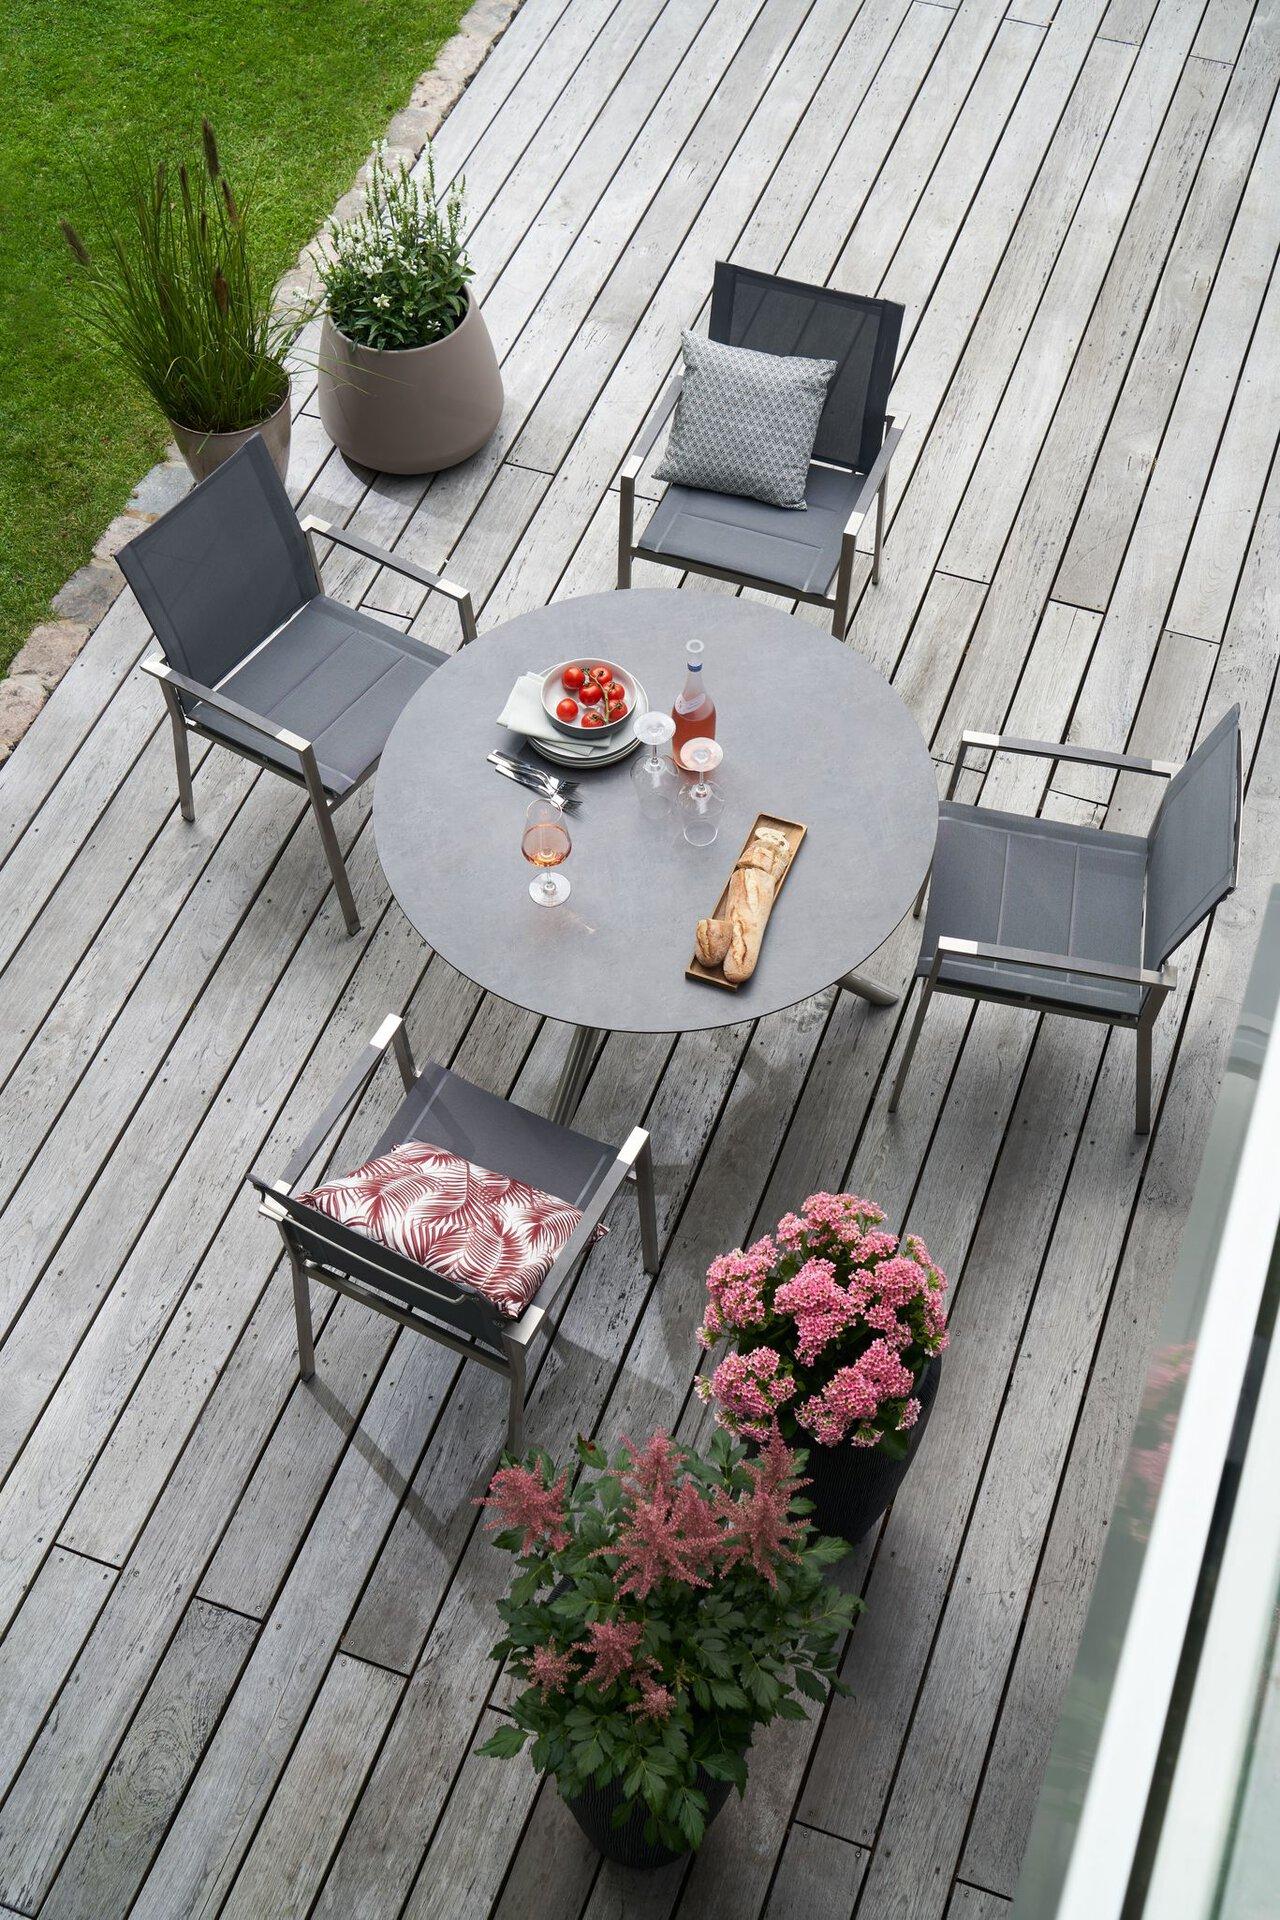 Gartentisch ALINA Outdoor Metall grau 110 x 75 x 110 cm